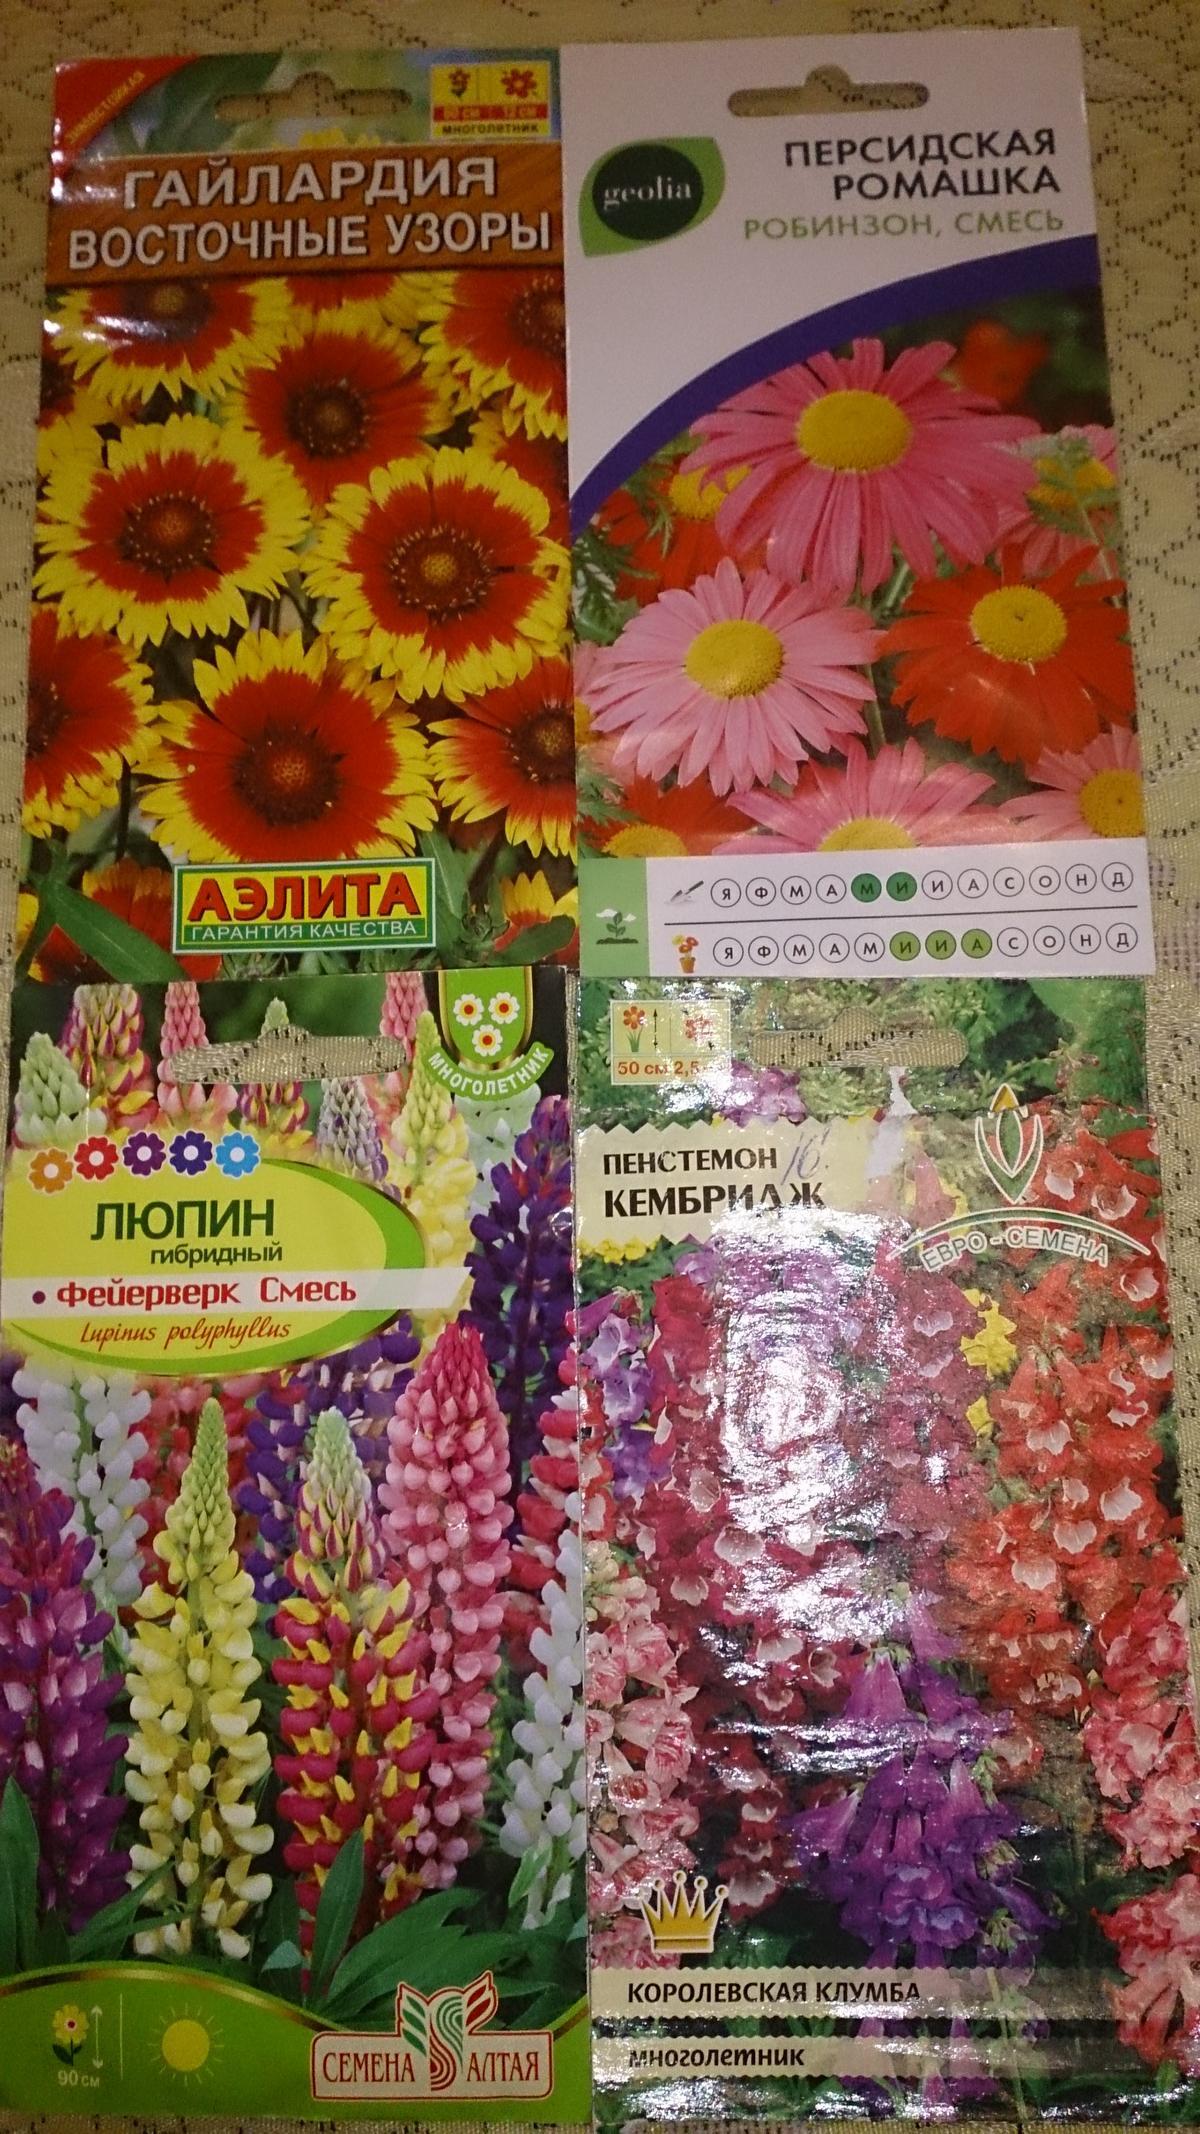 Гайлардия восточные узоры выращивание из семян 84